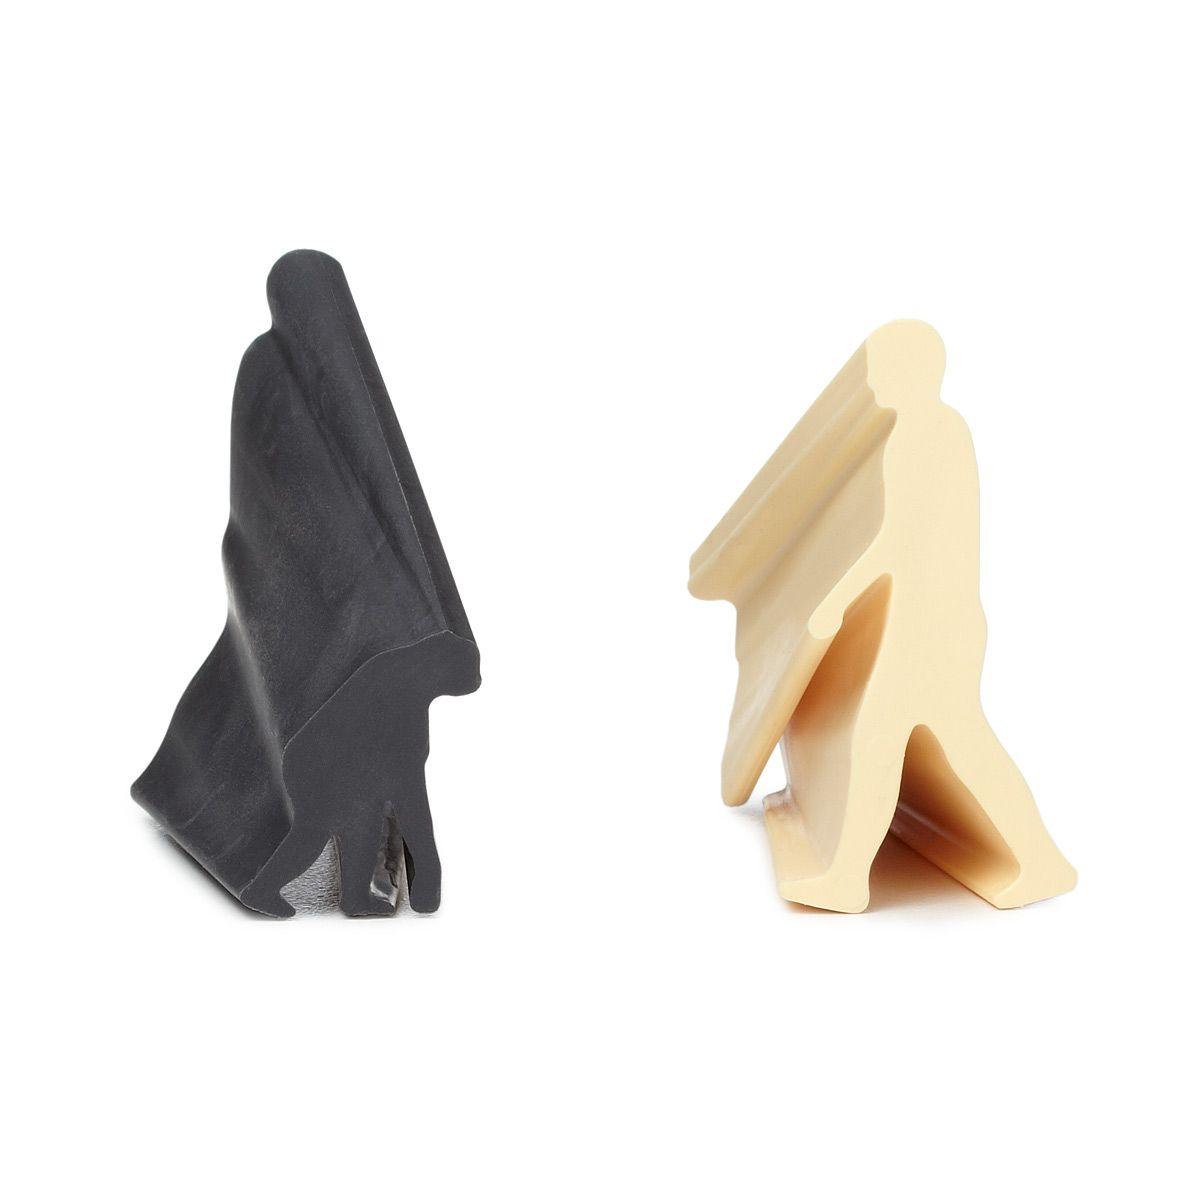 Evolution erasers set of evolution